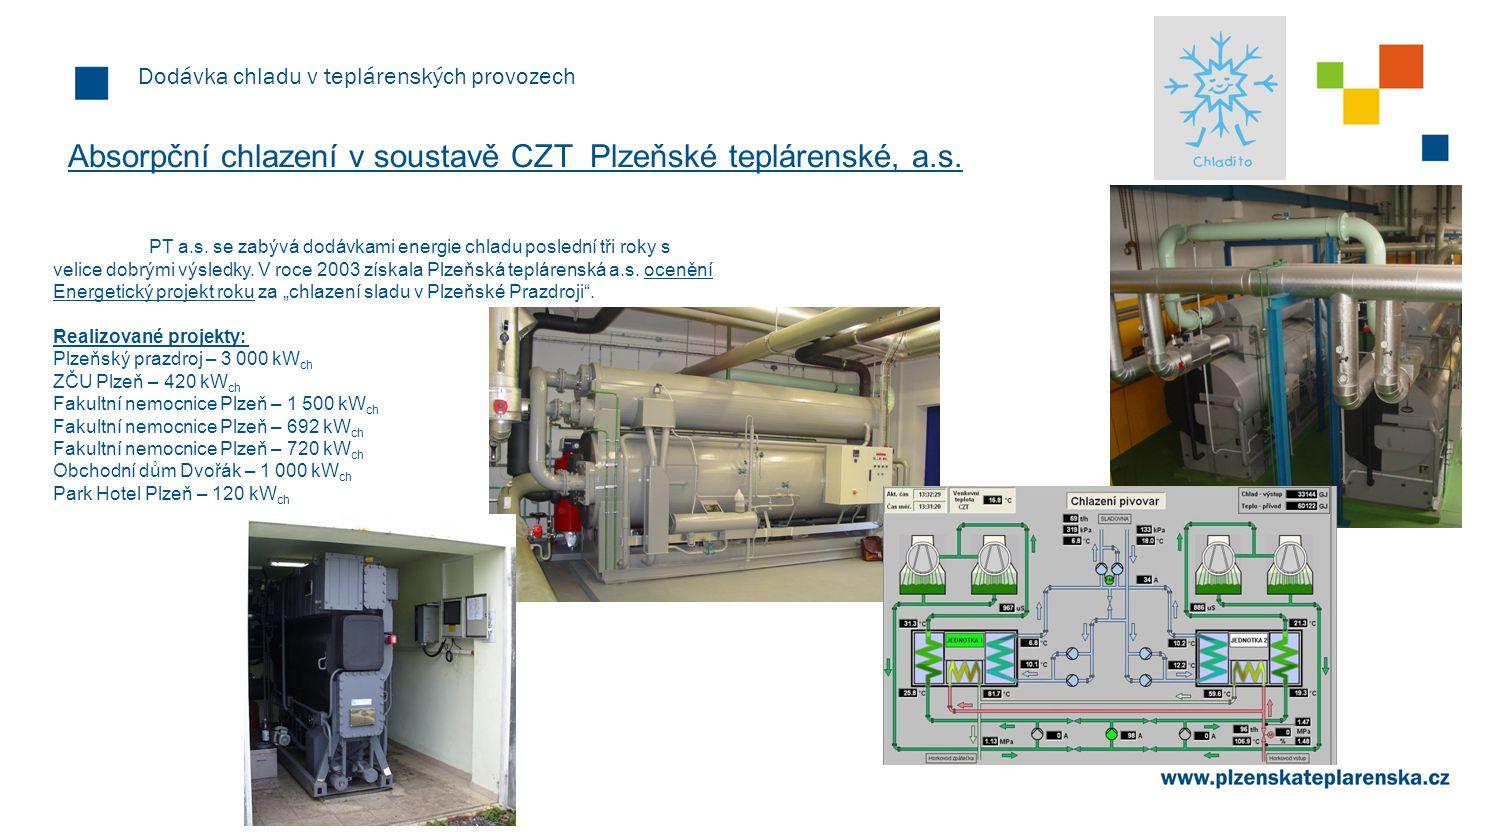 Dodávka chladu v teplárenských provozech Chladící věže pro absorpční chlazení Systémy CZCH v Evropě CZCH Paříž CZCH Stockholm